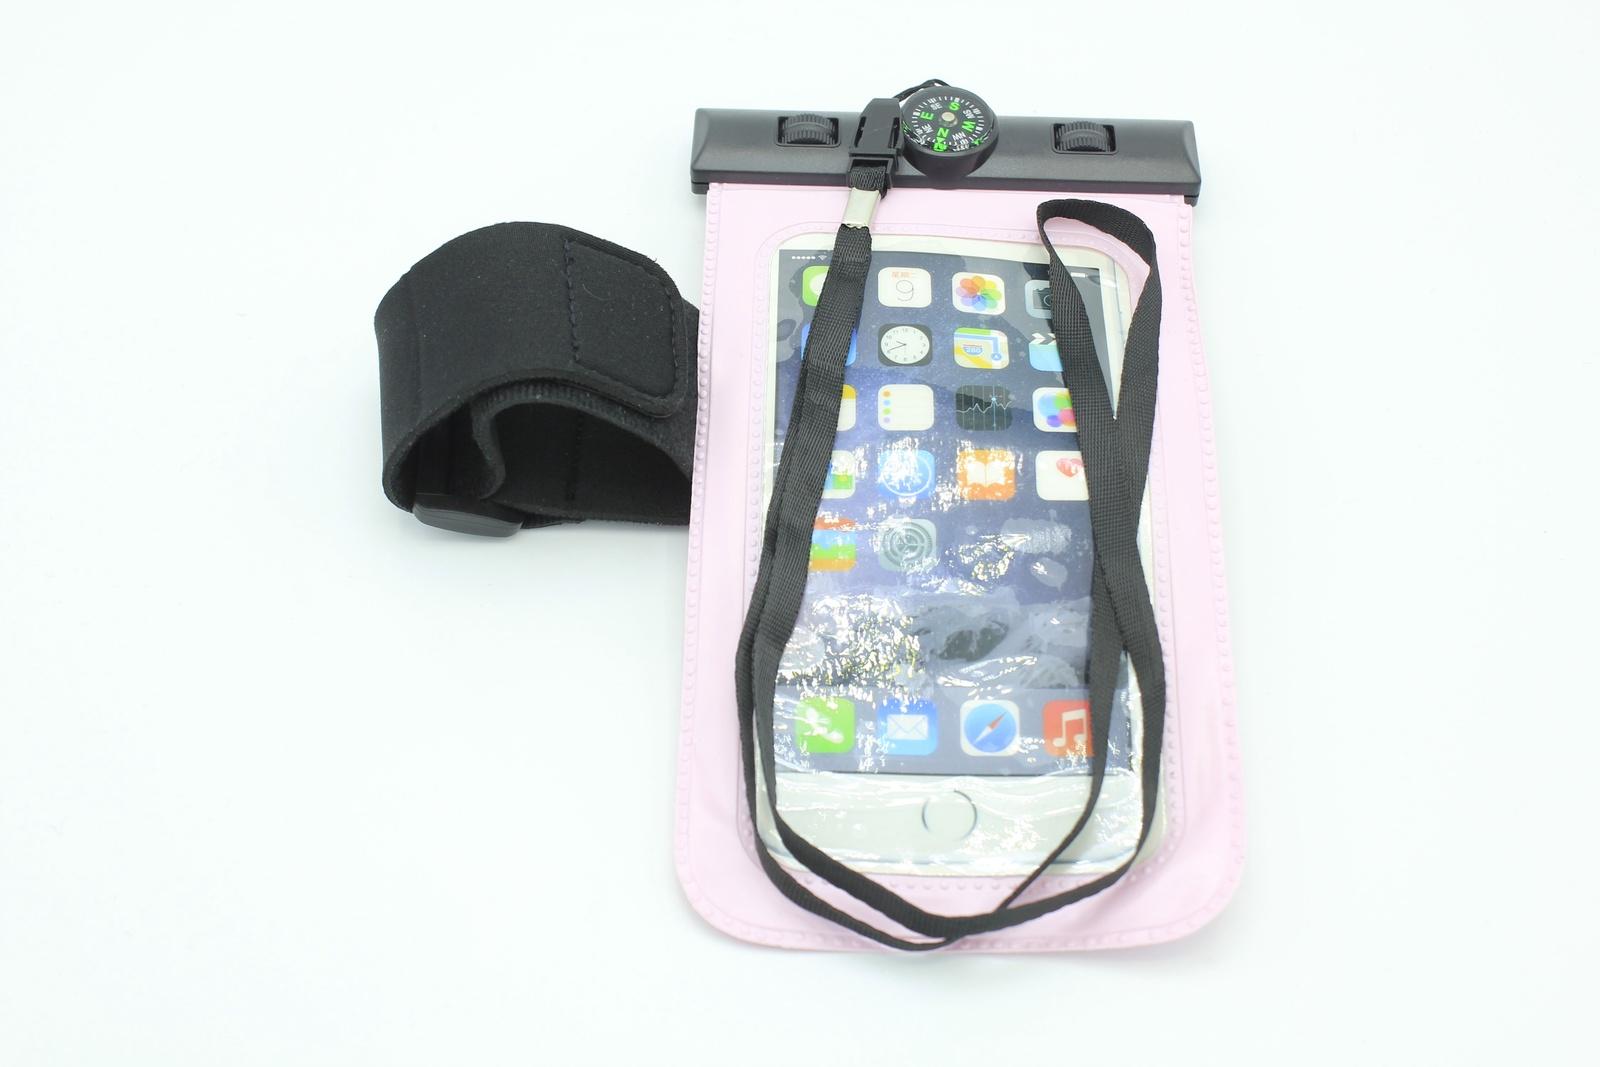 Водонепроницаемый чехол для телефона универсальный с компасом, розовый водонепроницаемый чехол для телефона цена